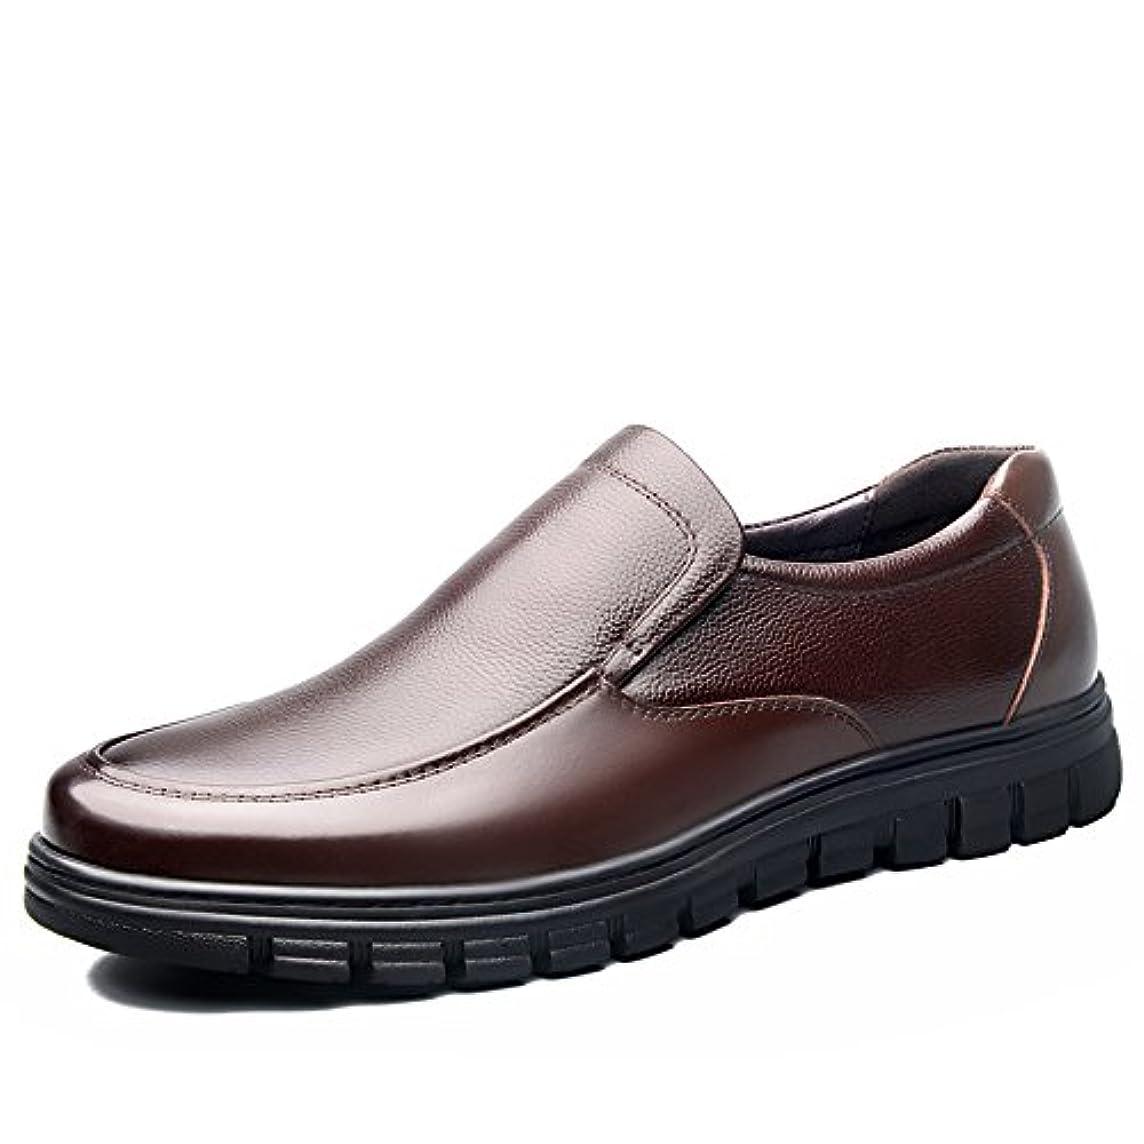 ディスコ合わせて前兆TIOSEBON 革靴 メンズ ビジネスシューズ 本革 スリッポン ローファー カジュアルシューズ 幅広 ドライビングシューズ ウォーキングシューズ 防水 通勤 黒/ブラウン